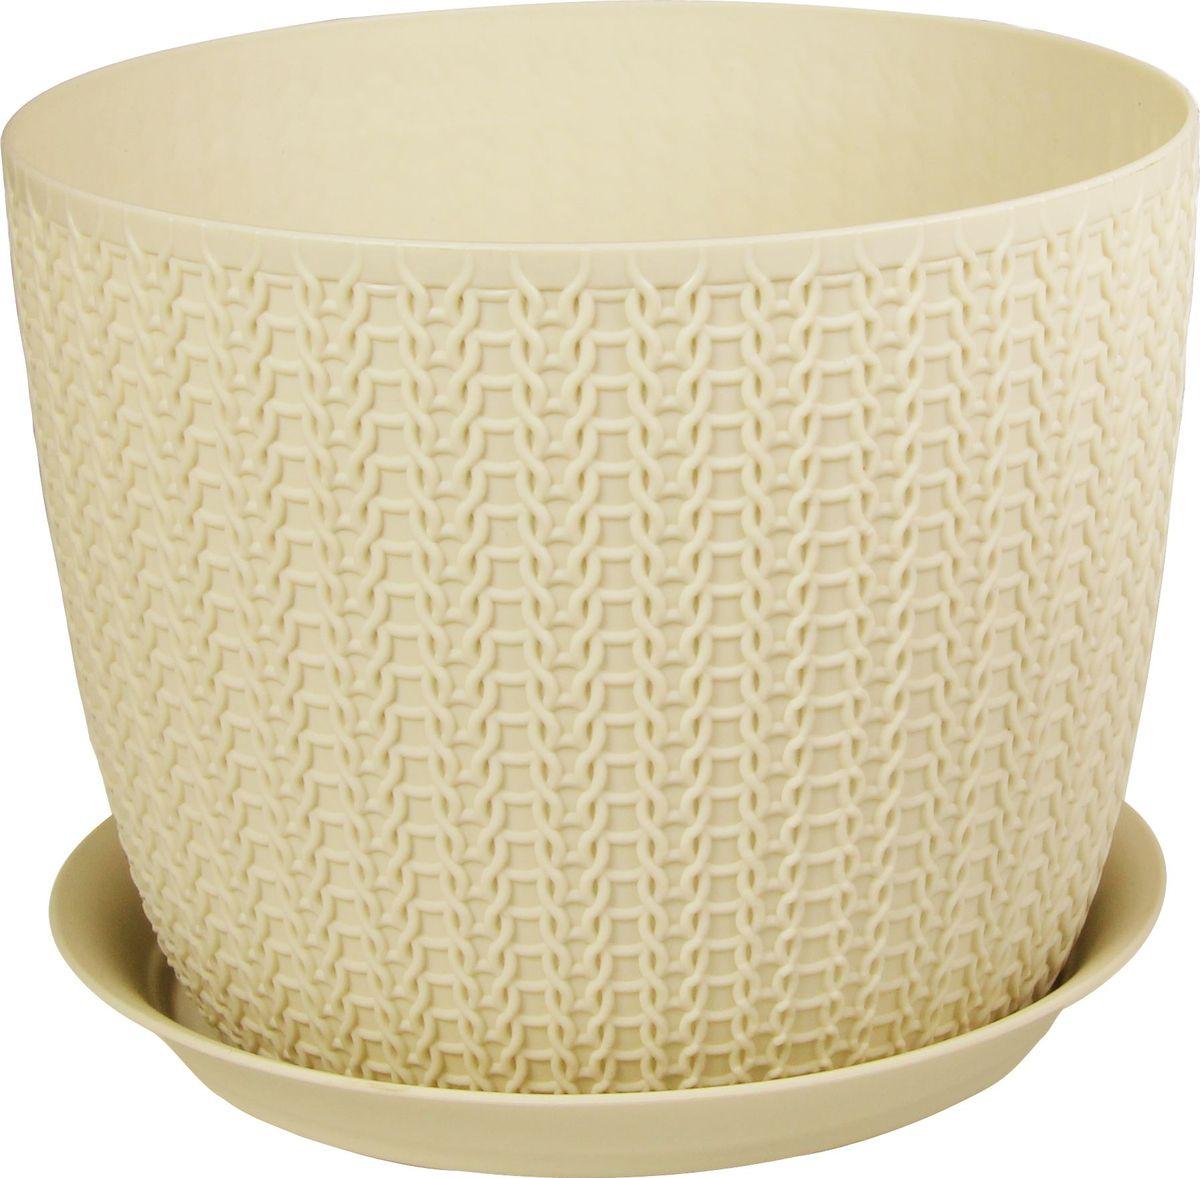 Кашпо Idea Вязание, с поддоном, цвет: белый ротанг, диаметр 13,5 см. М 3119М 3119_белый ротанг